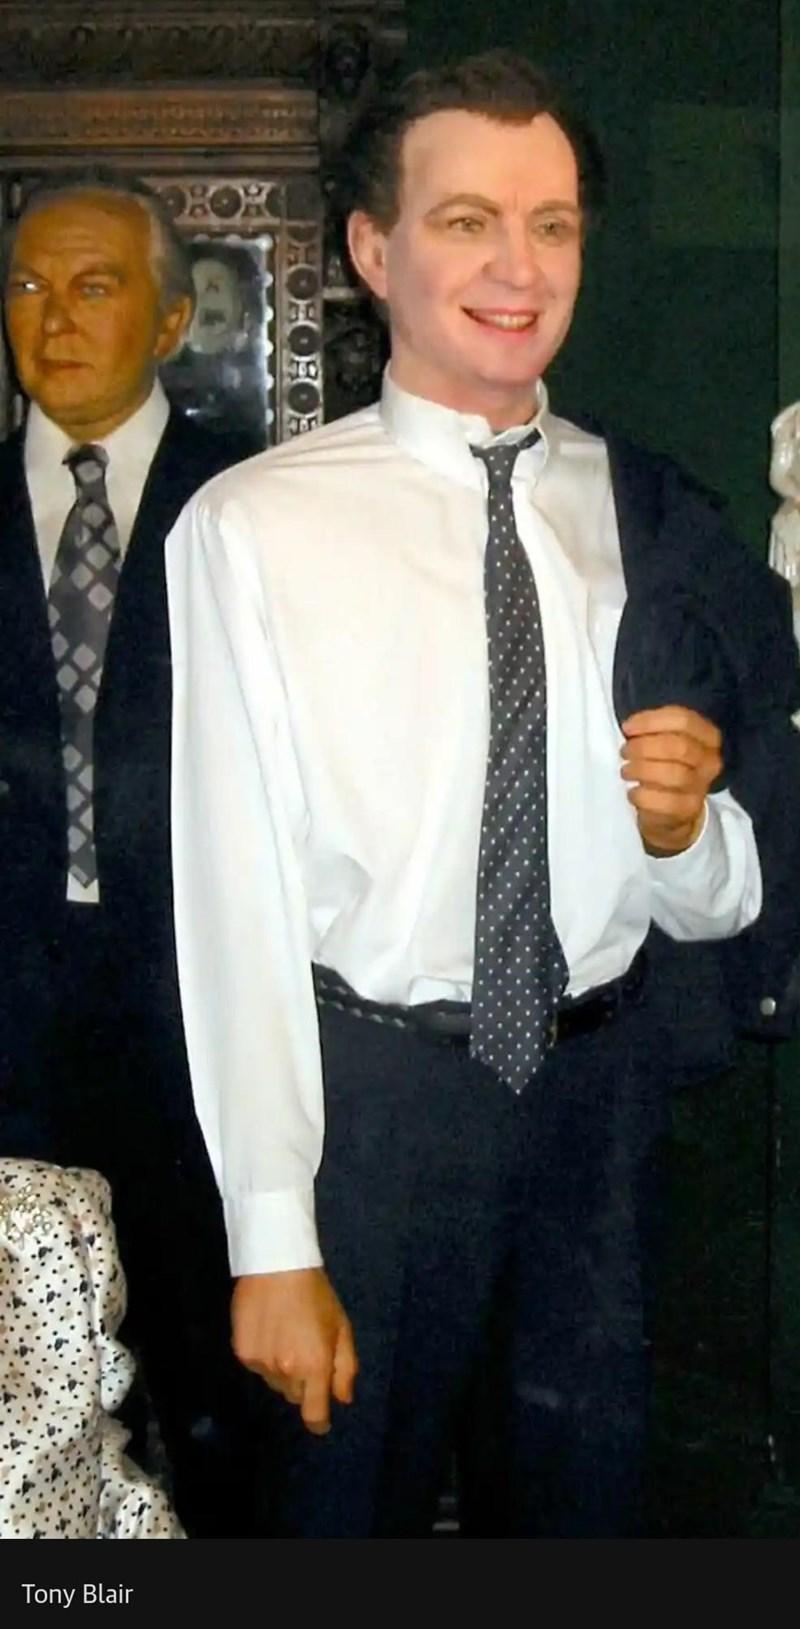 Clothing - Tony Blair